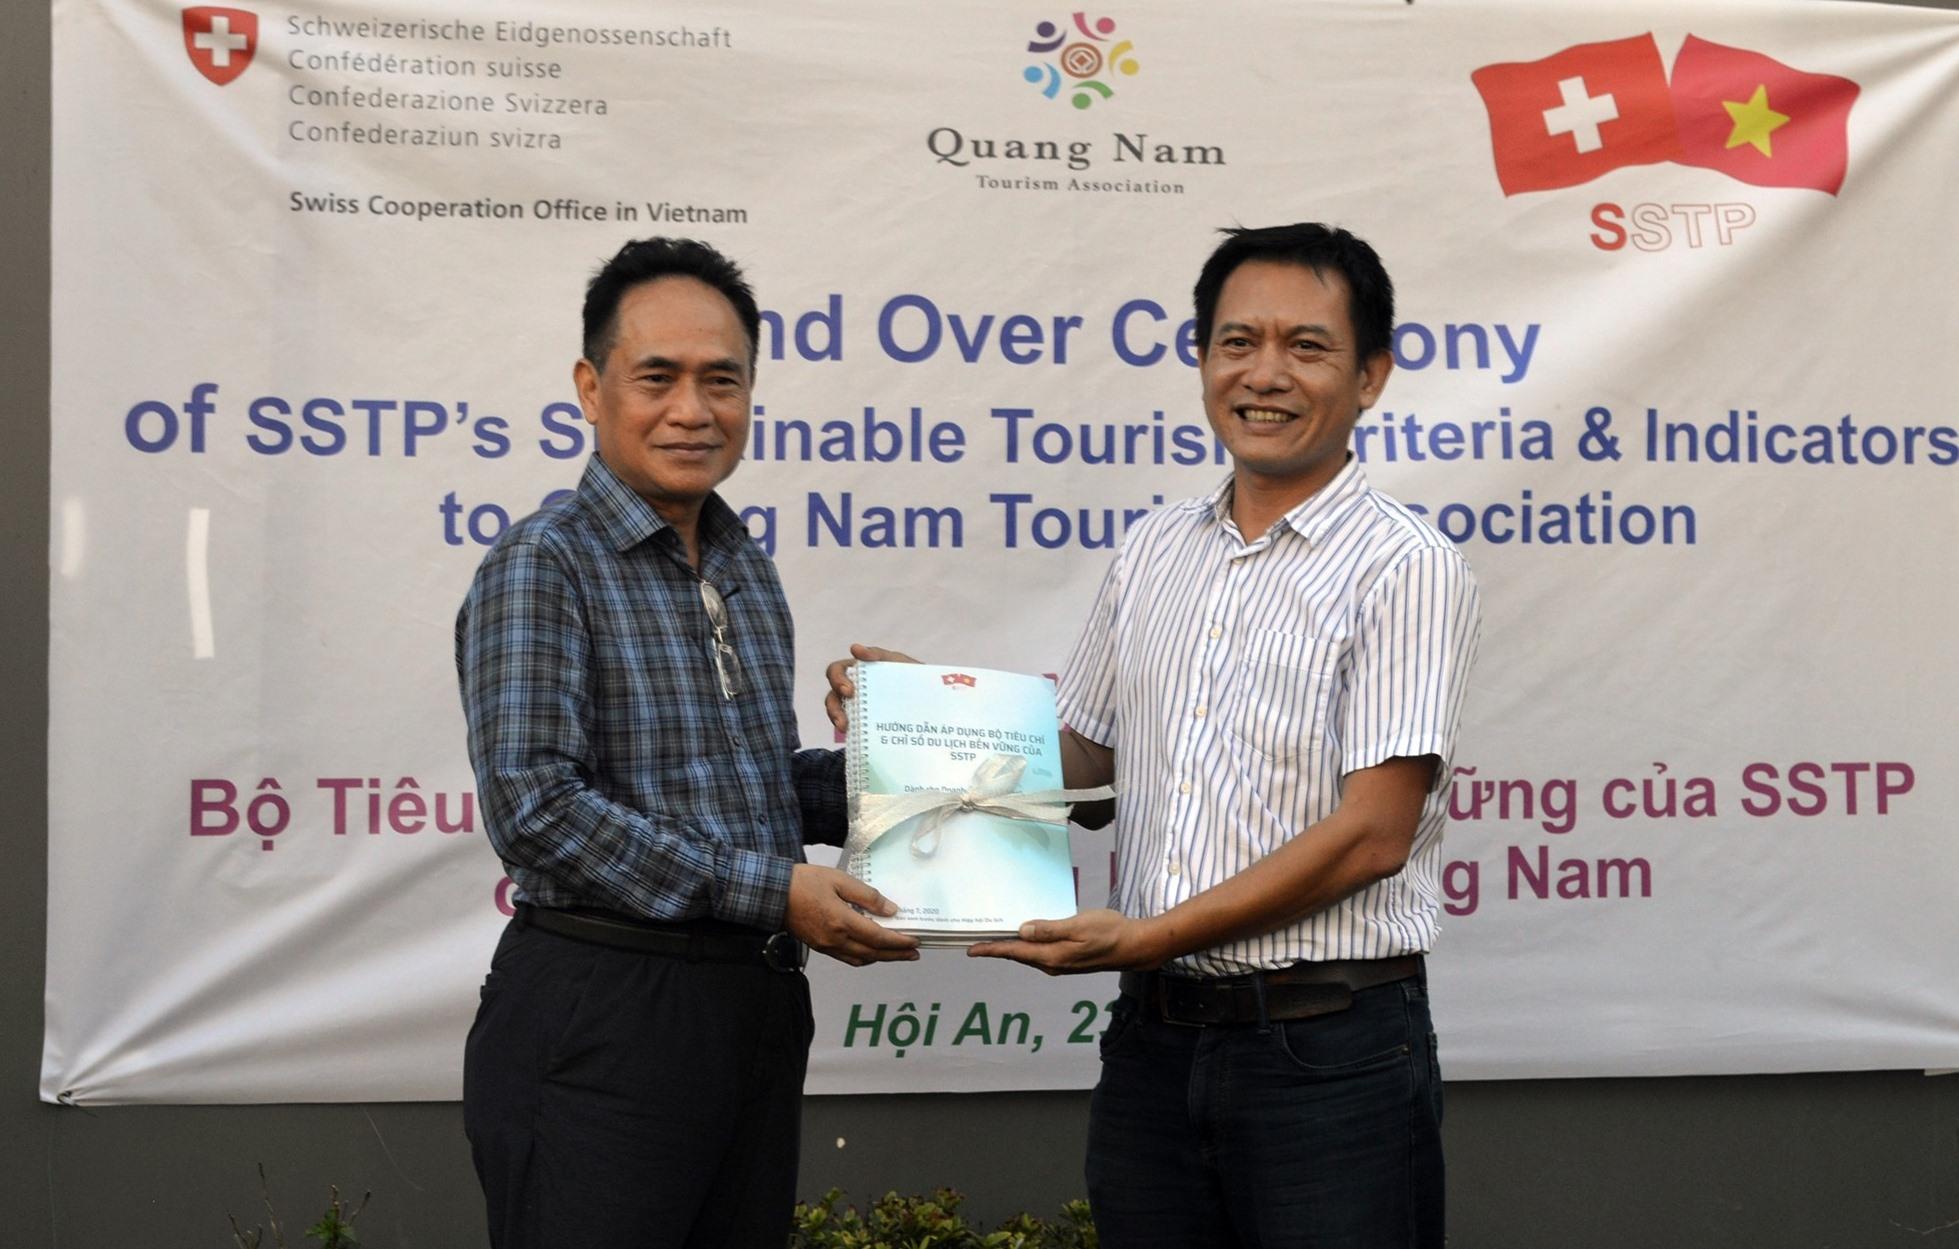 Bàn giao Bộ tiêu chí du lịch bền vững cho Hiệp hội Du lịch Quảng Nam